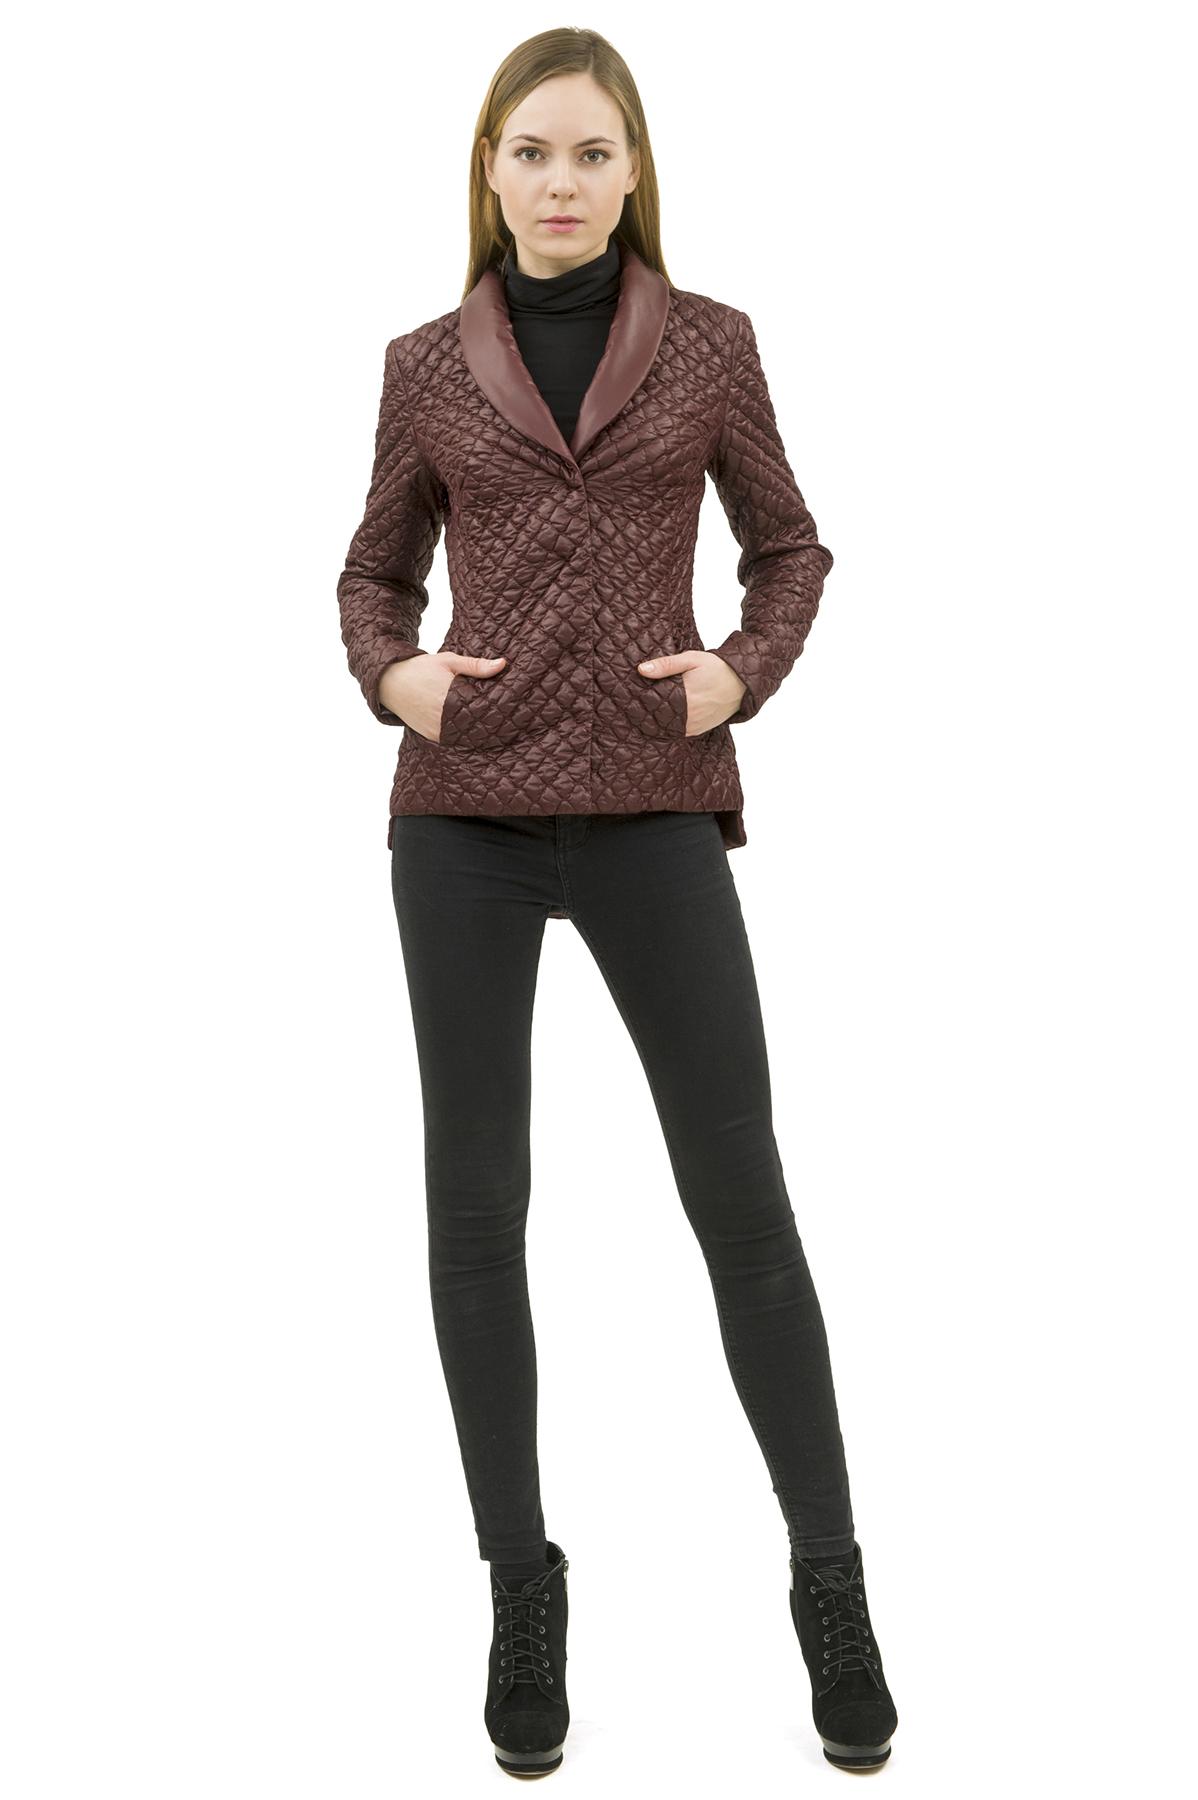 КурткаЖенские куртки, плащи, пальто<br>Стильная модель женской курткиспособна выделить Вас из общей толпы.Комфортный вариант на каждый день.<br><br>Цвет: бордовый<br>Состав: 100% полиэстер<br>Размер: 40,42,44,46,48,50,52<br>Страна дизайна: Россия<br>Страна производства: Россия